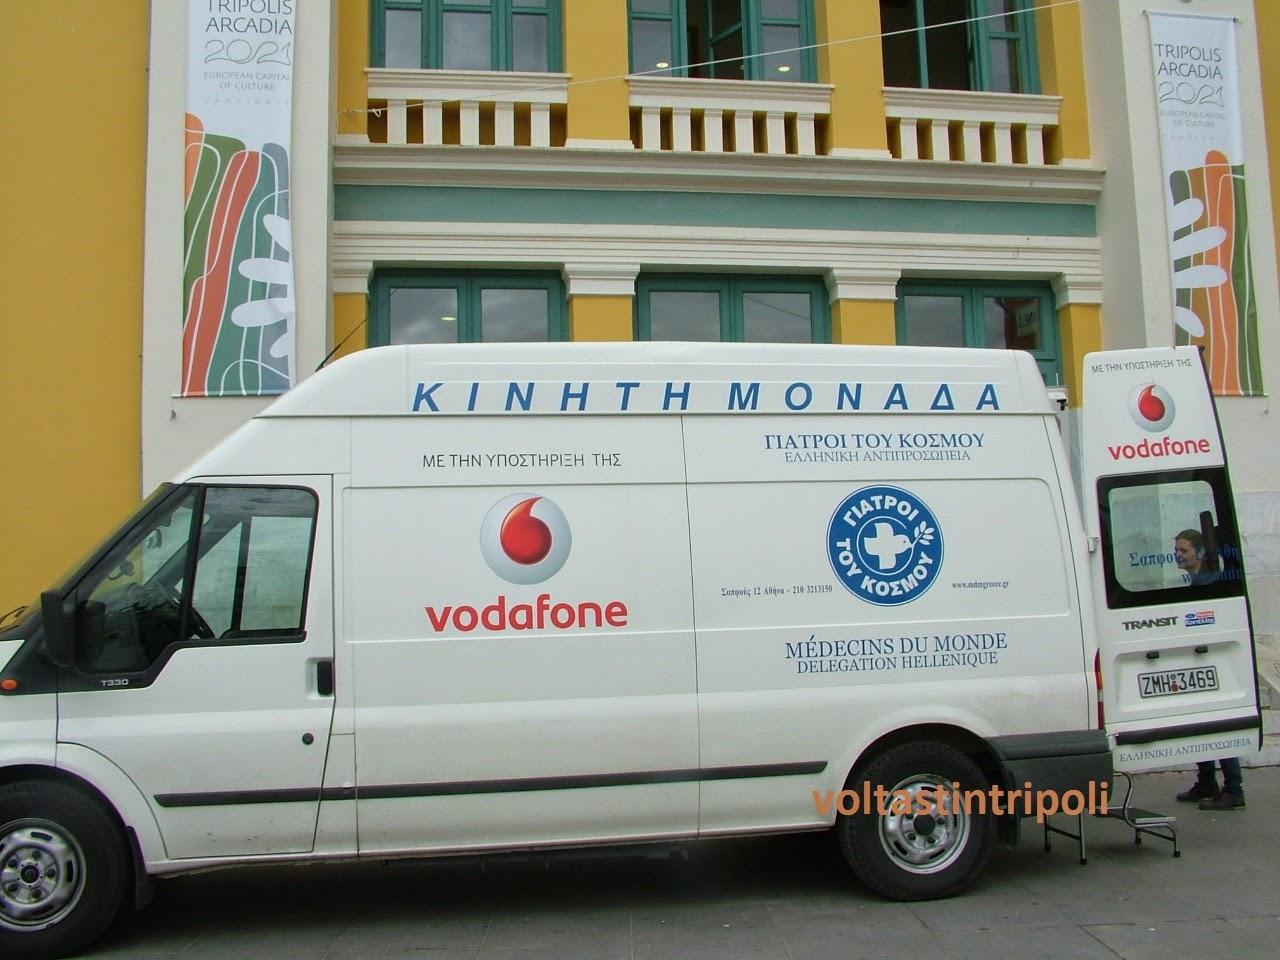 Δωρεάν εμβόλια και οδοντιατρικές συμβουλές σήμερα στην Τρίπολη!!